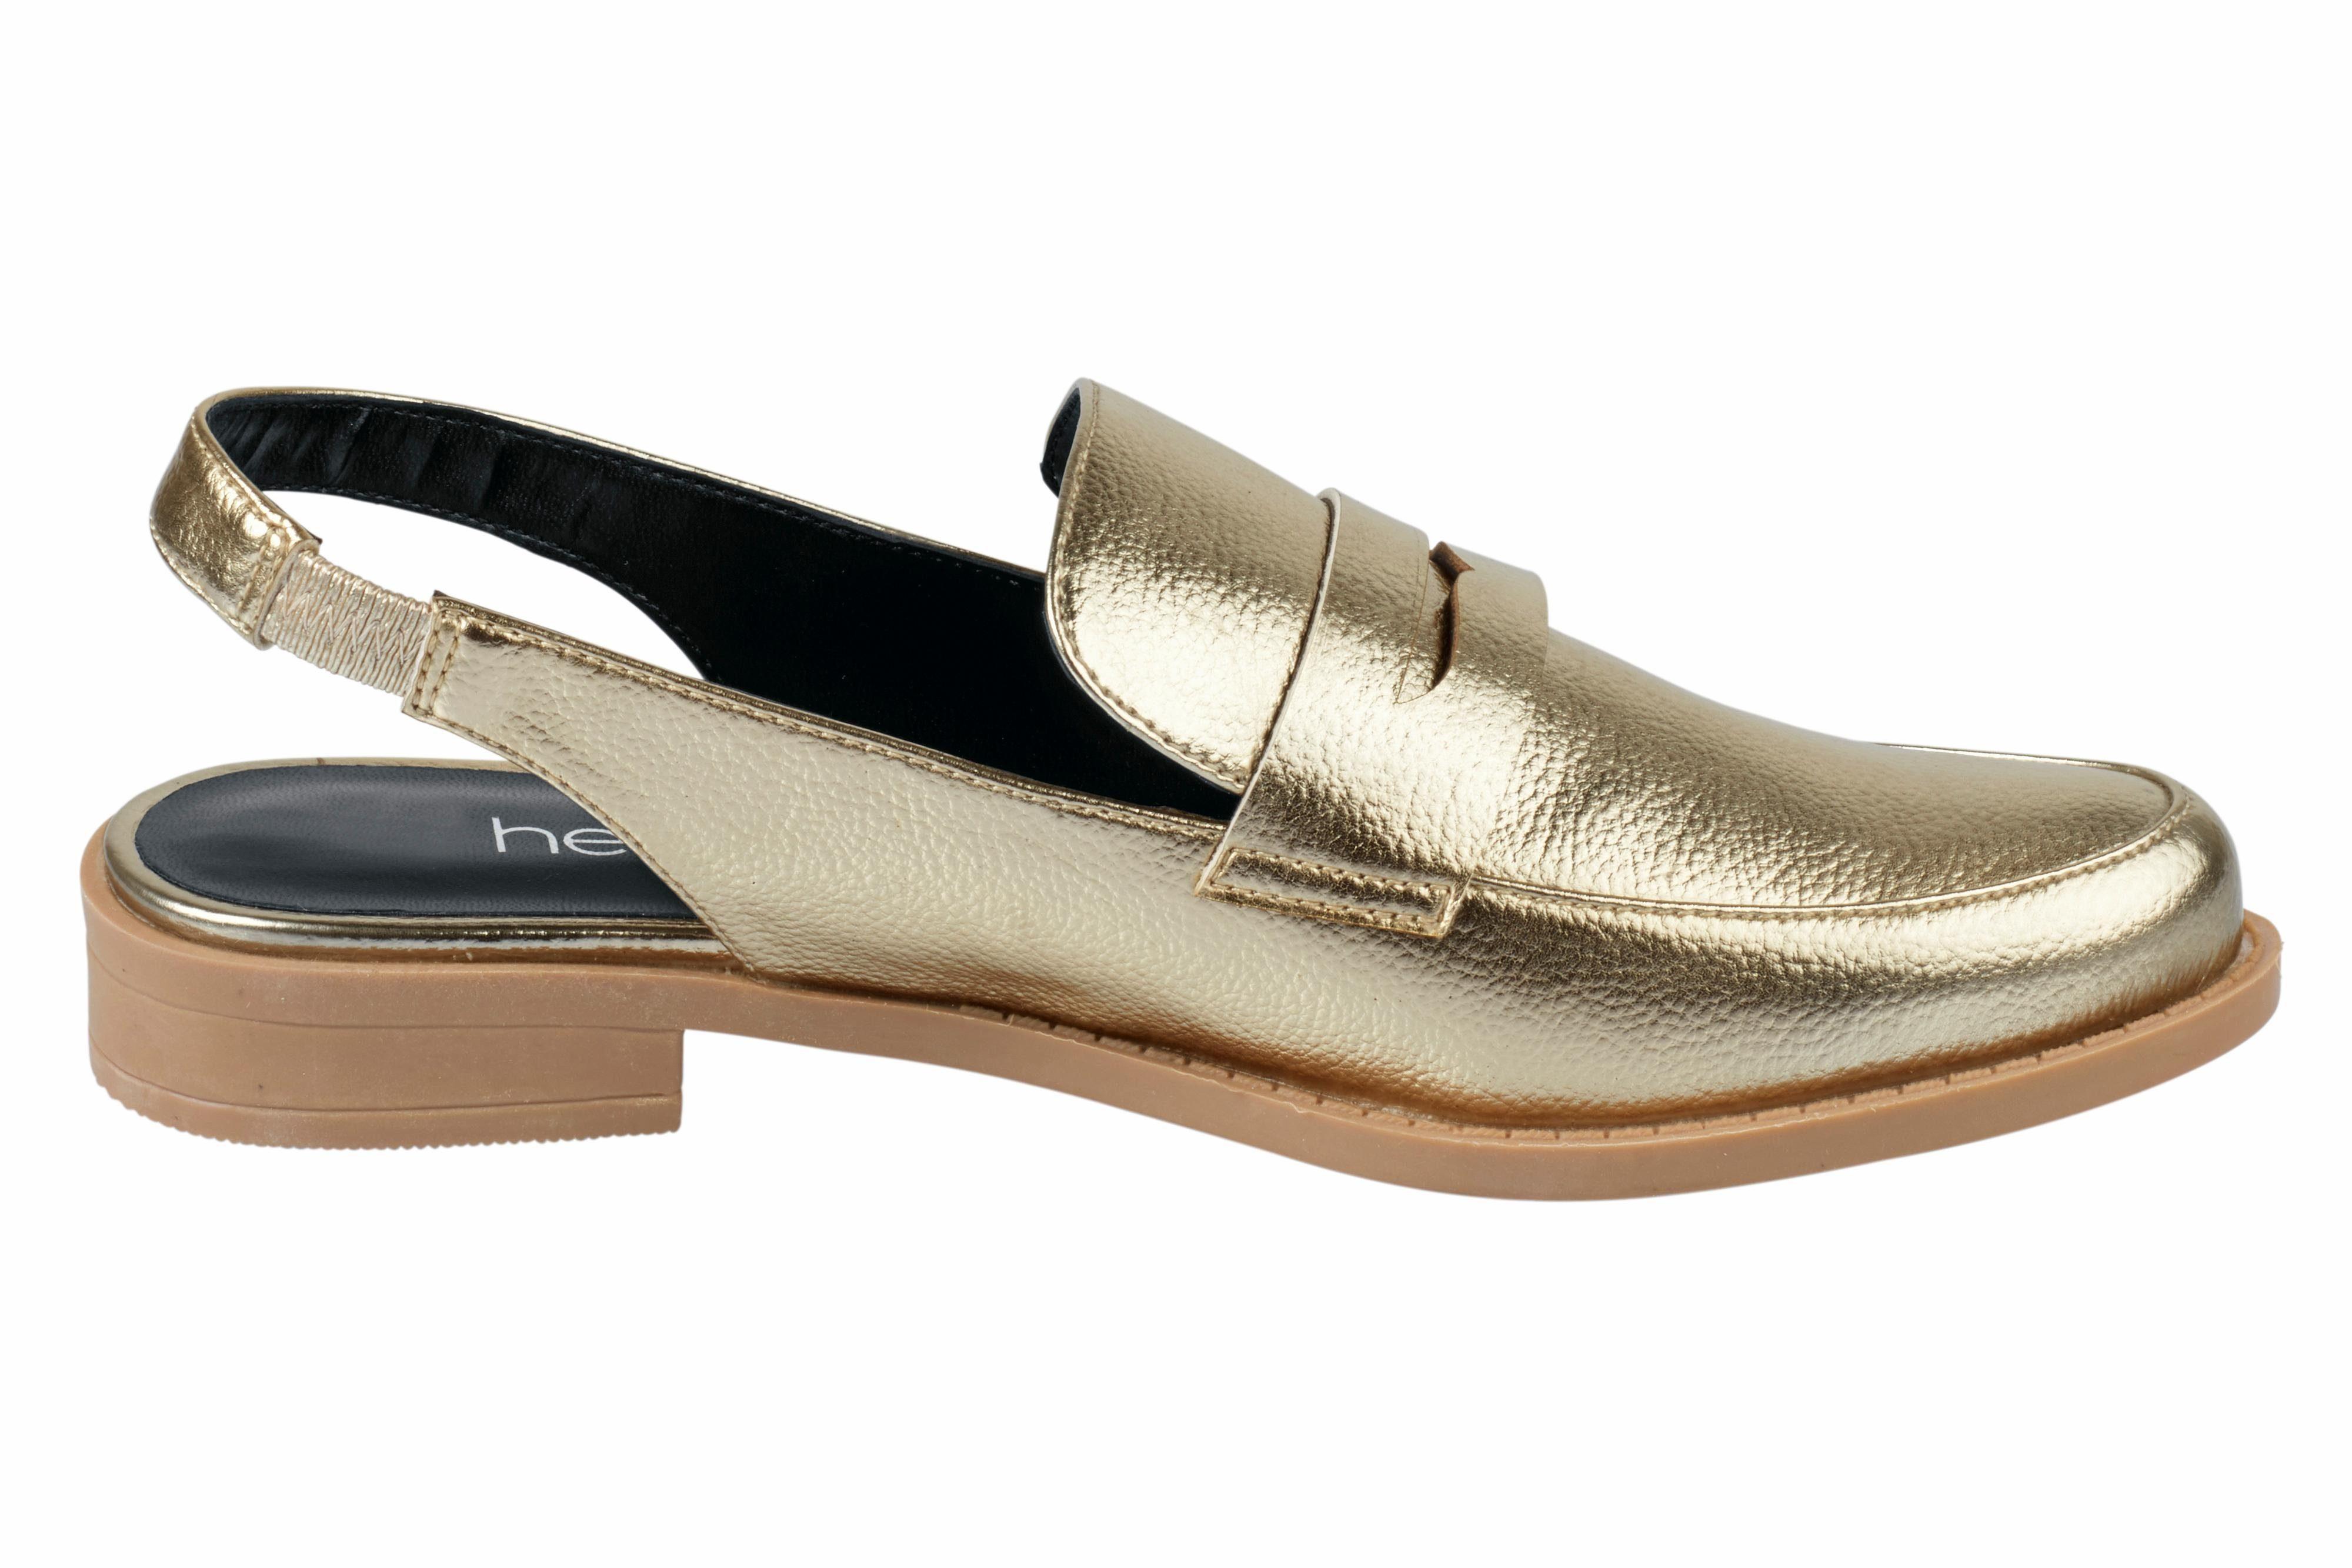 Heine Slipper in Slingform online kaufen  goldfarben